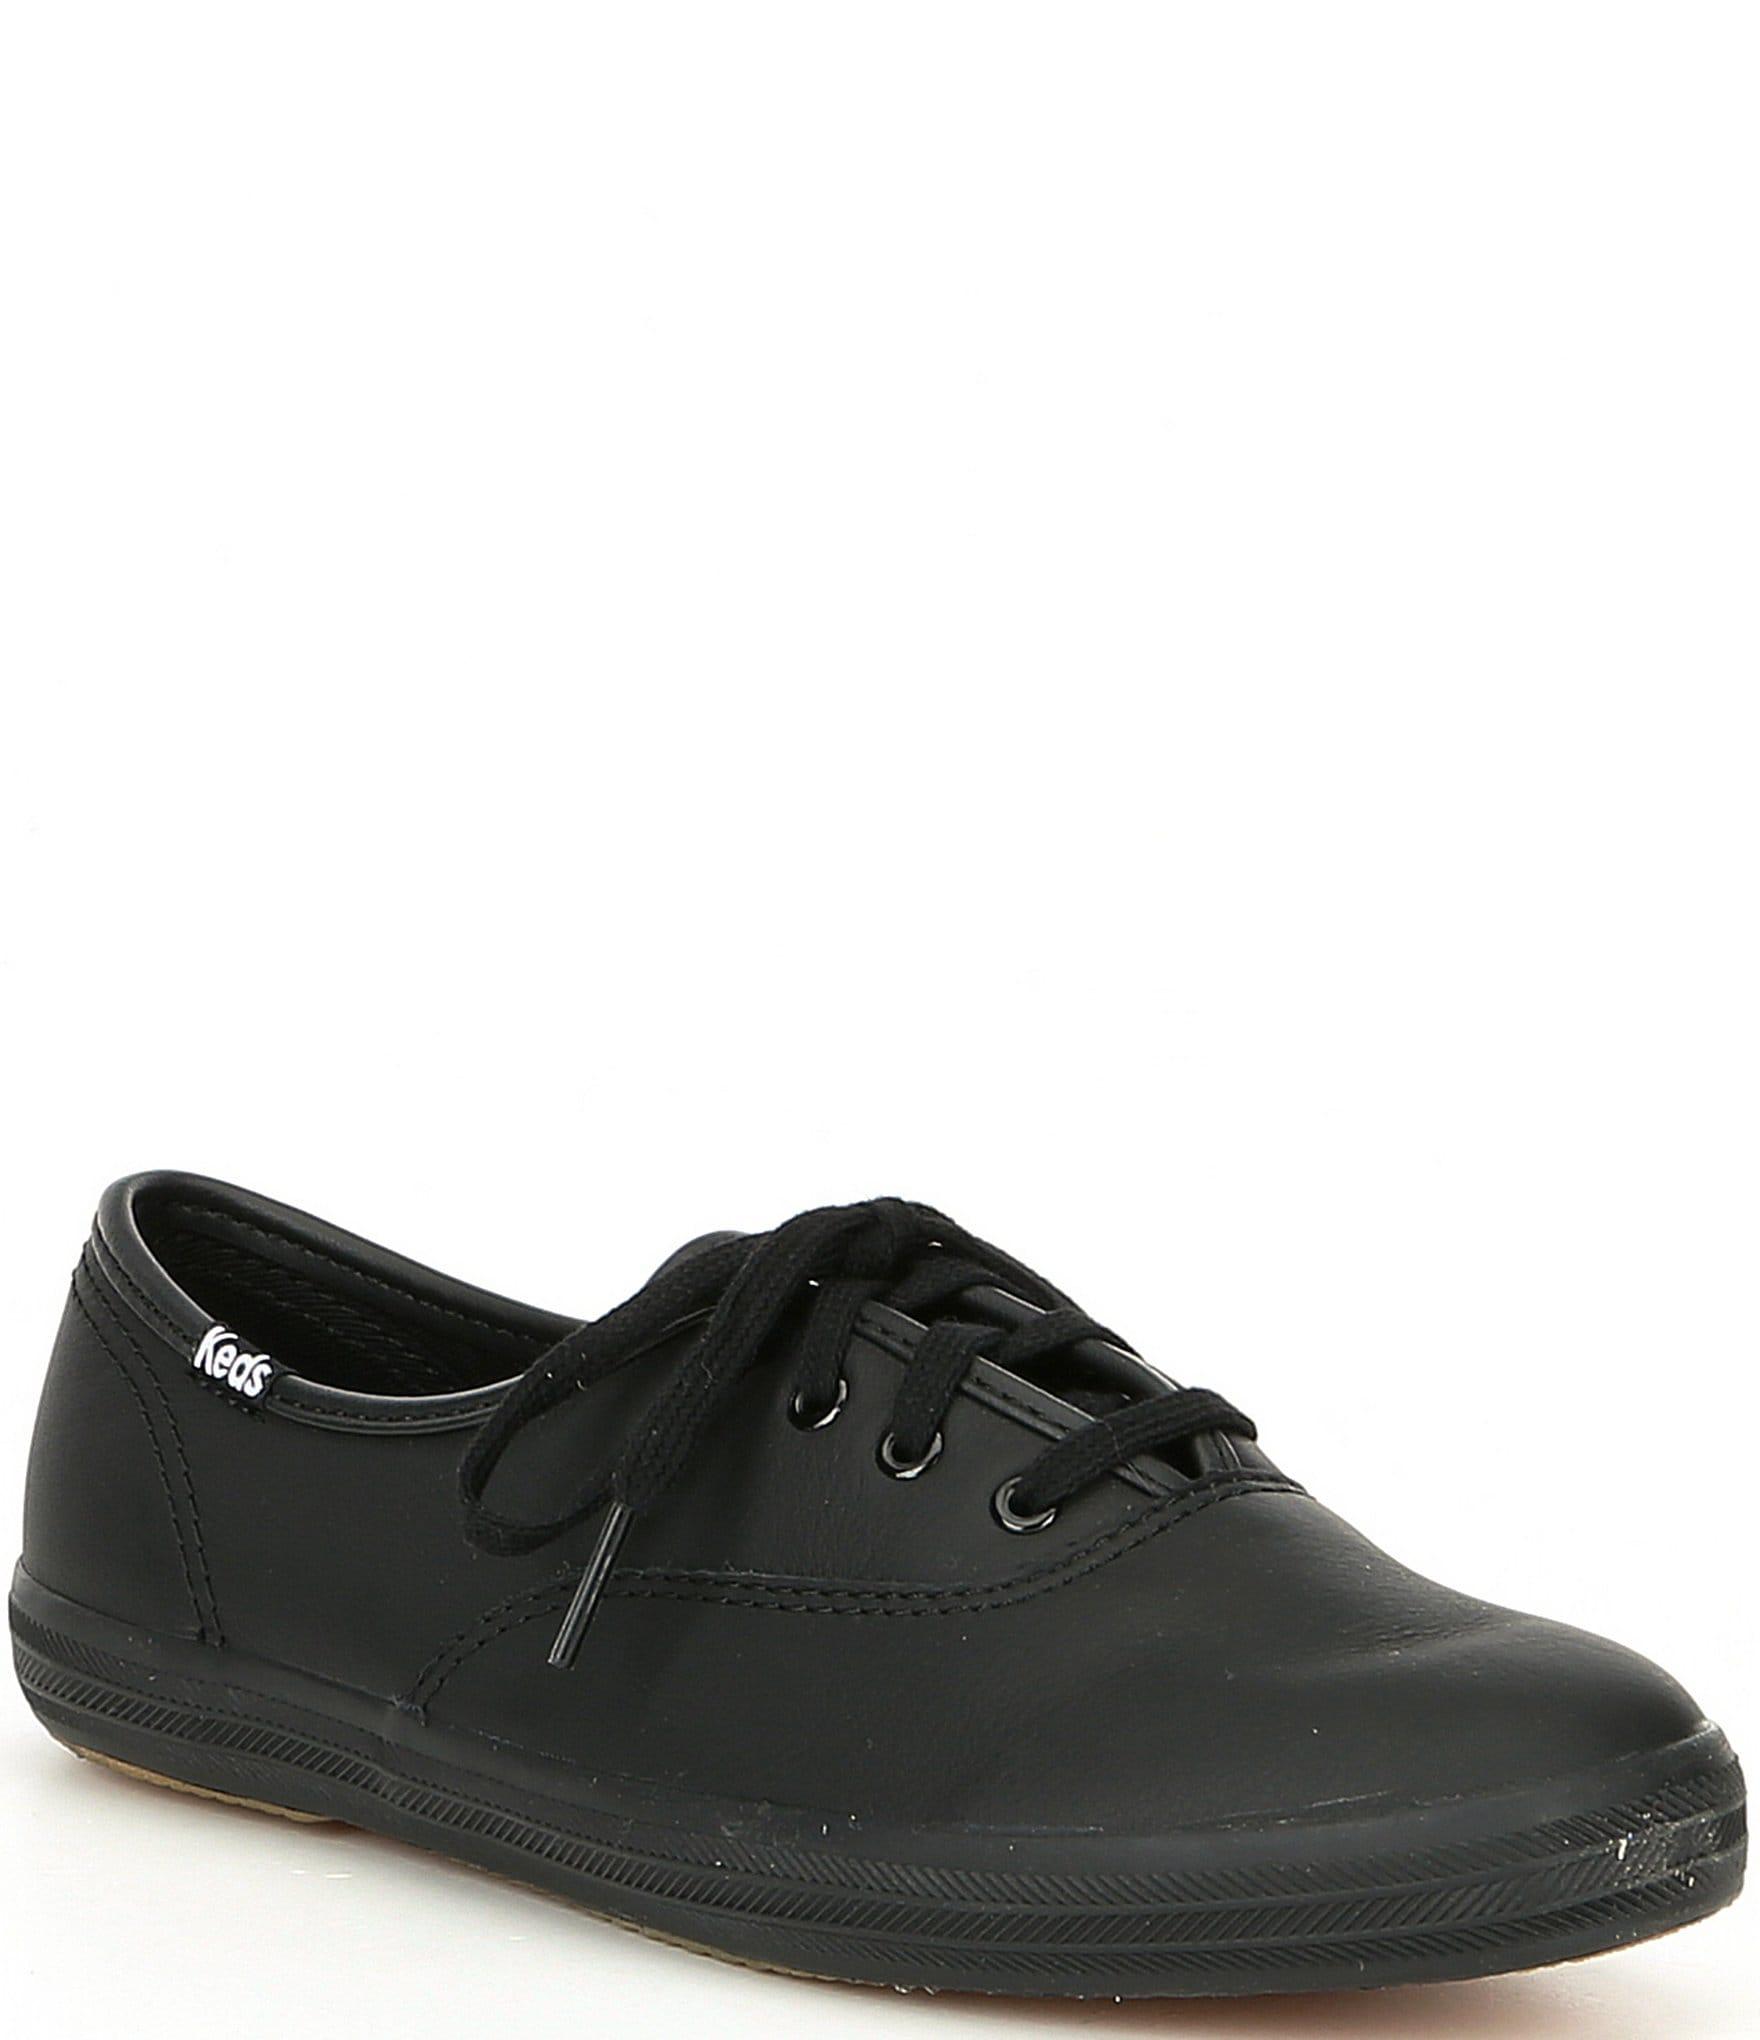 57824b3b2e21 Keds Women s Shoes